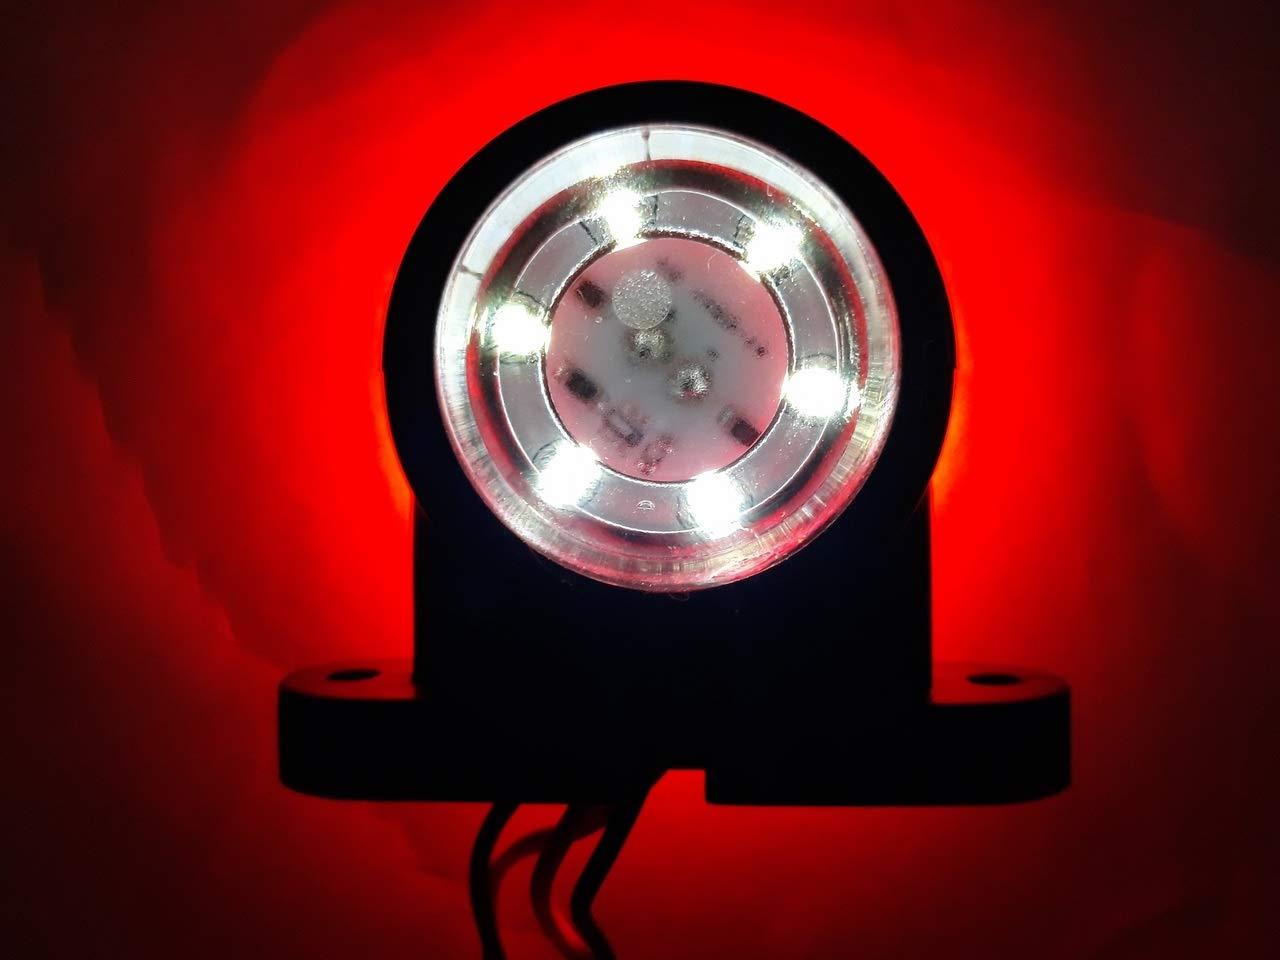 24V rouge//blanc sallume ch/âssis de camion remorque de camping-car VNVIS 4 x petits feux de position lat/éraux LED 12